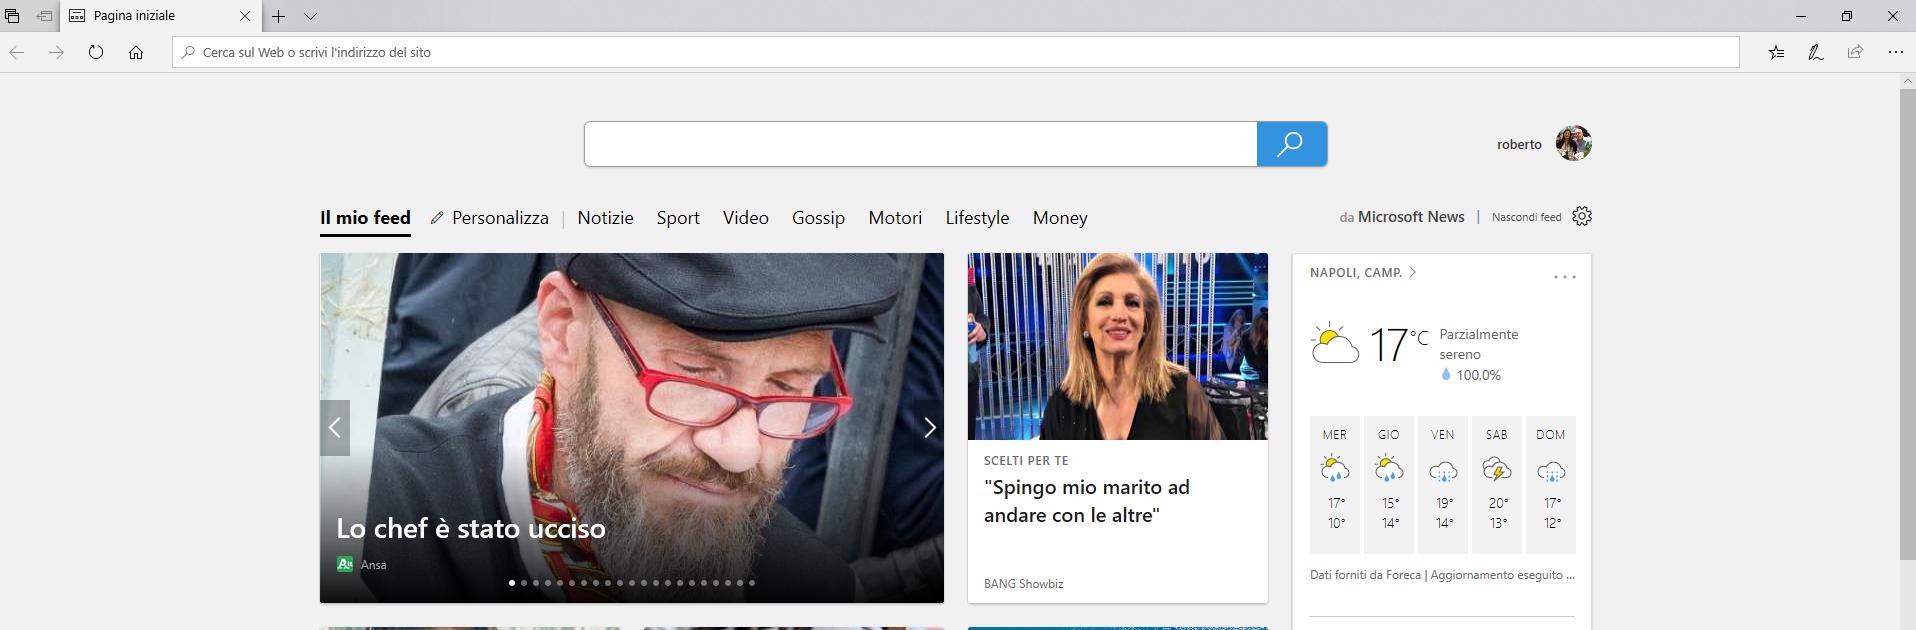 Come impostare Google su Windows 10